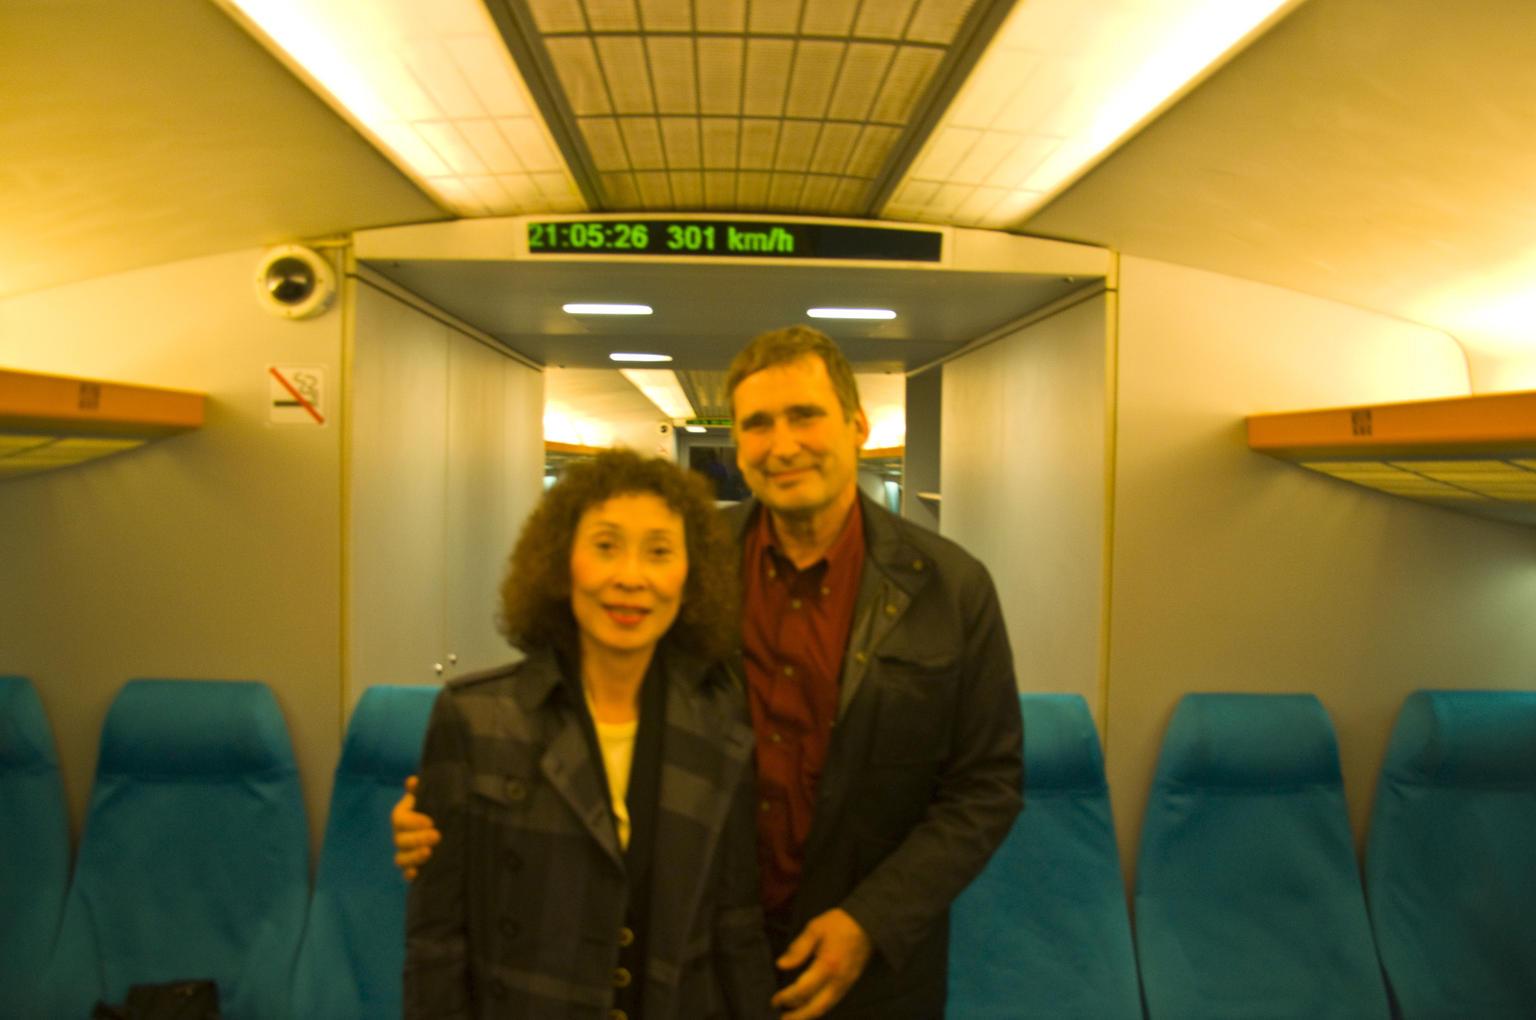 MÁS FOTOS, Traslado de llegada en el tren Maglev de alta velocidad: del Aeropuerto Internacional de Shanghái Podong al hotel